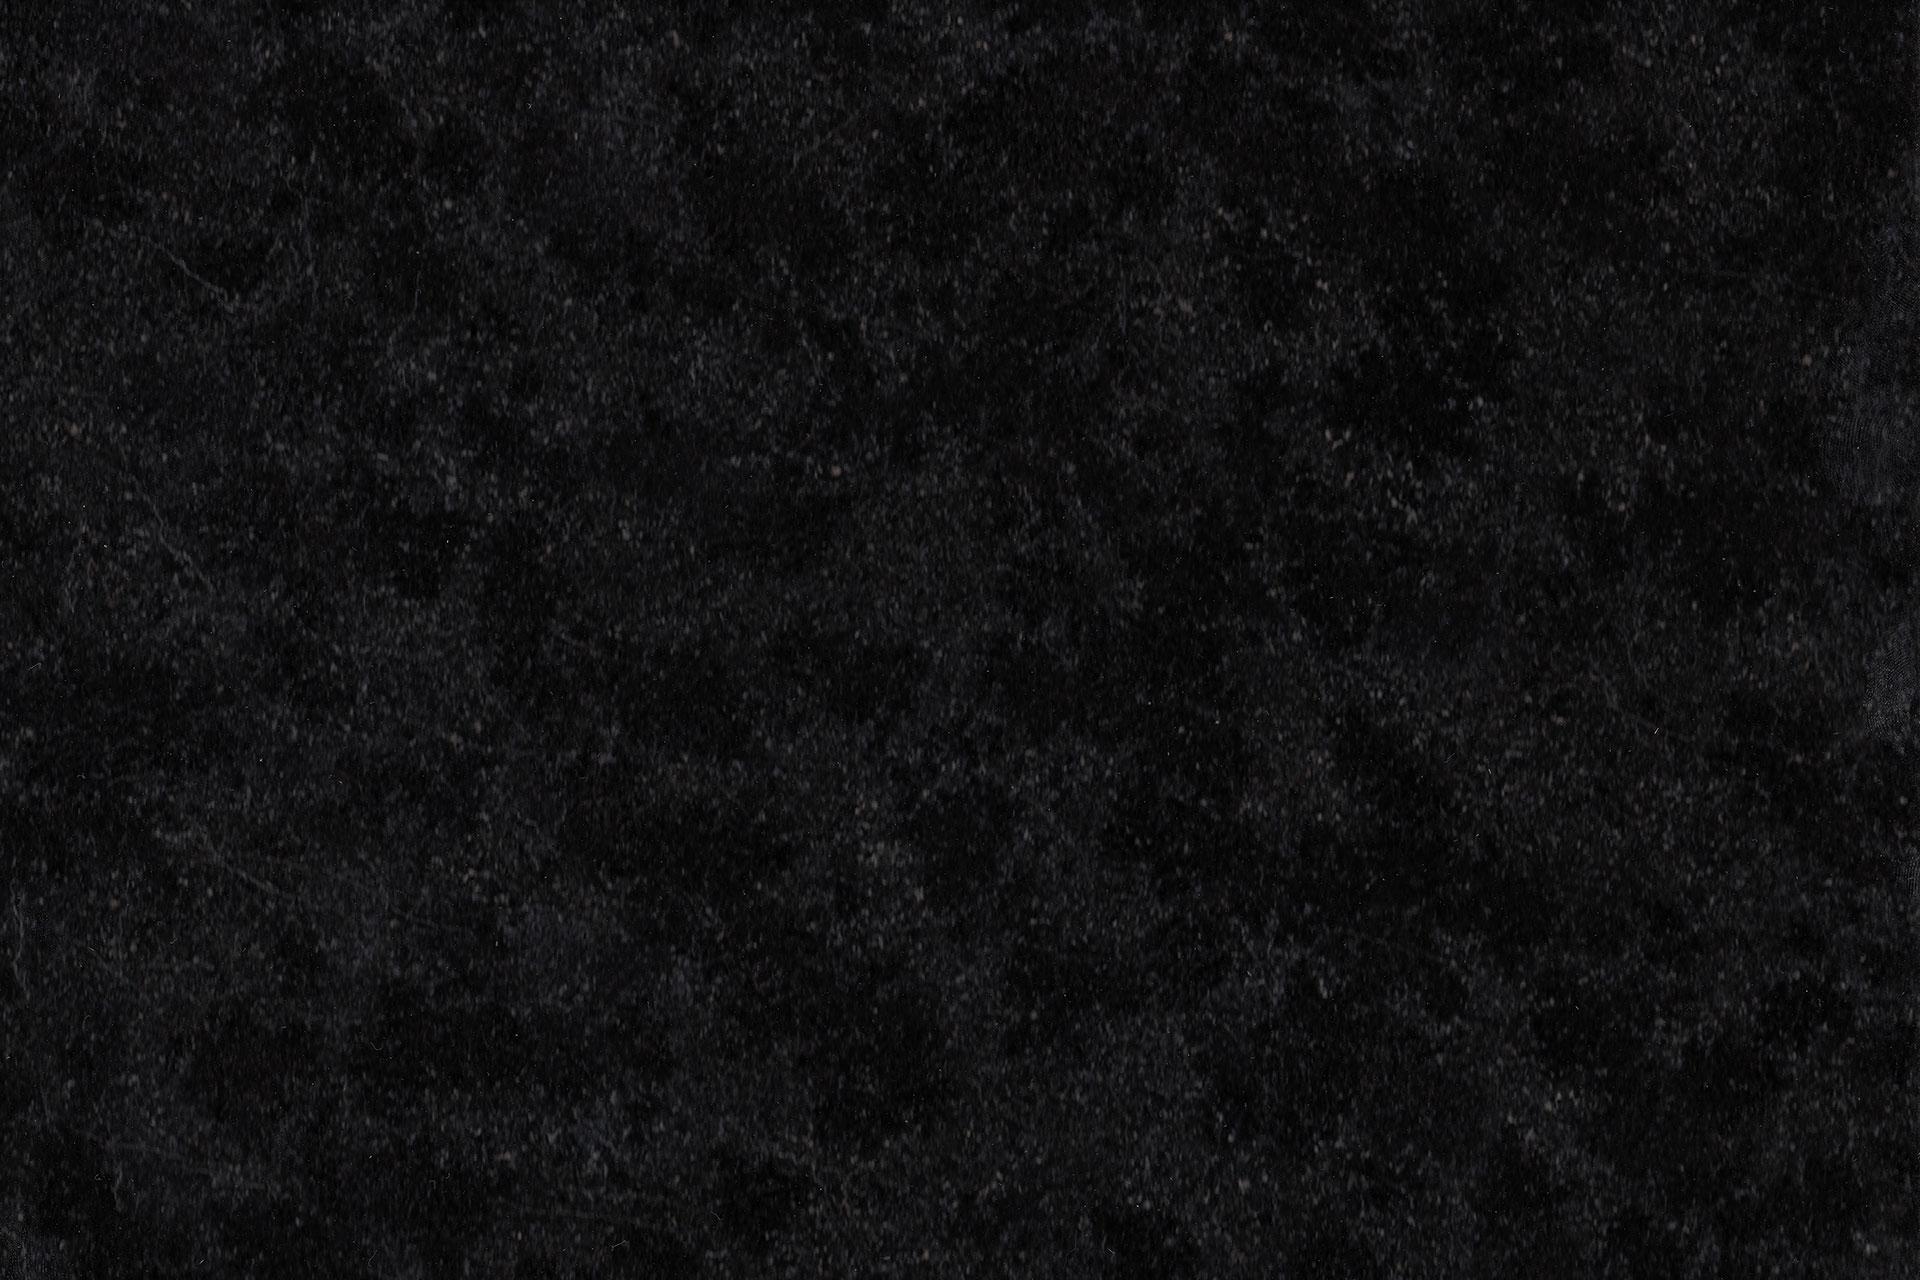 mystic_black_-poliert_just_hartgestein_gabbro_Indien_4sterne_schulte